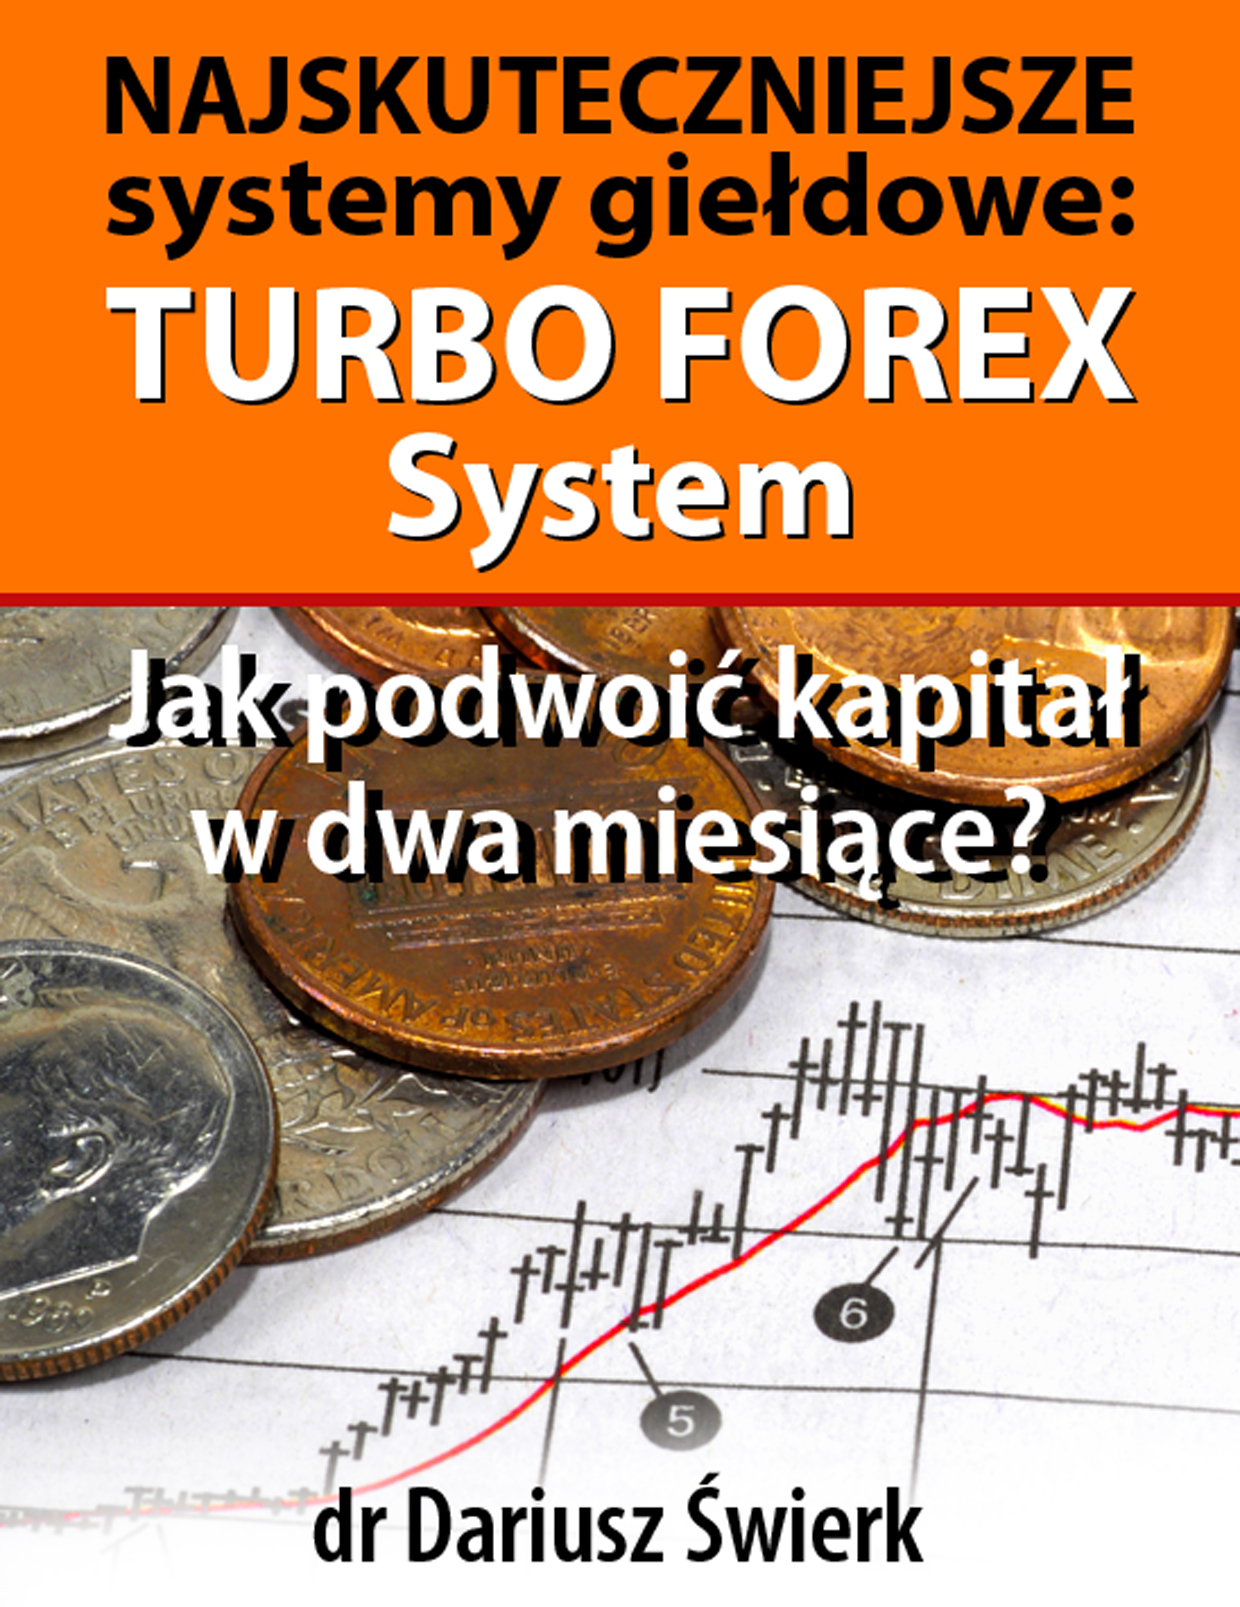 Forex gpw